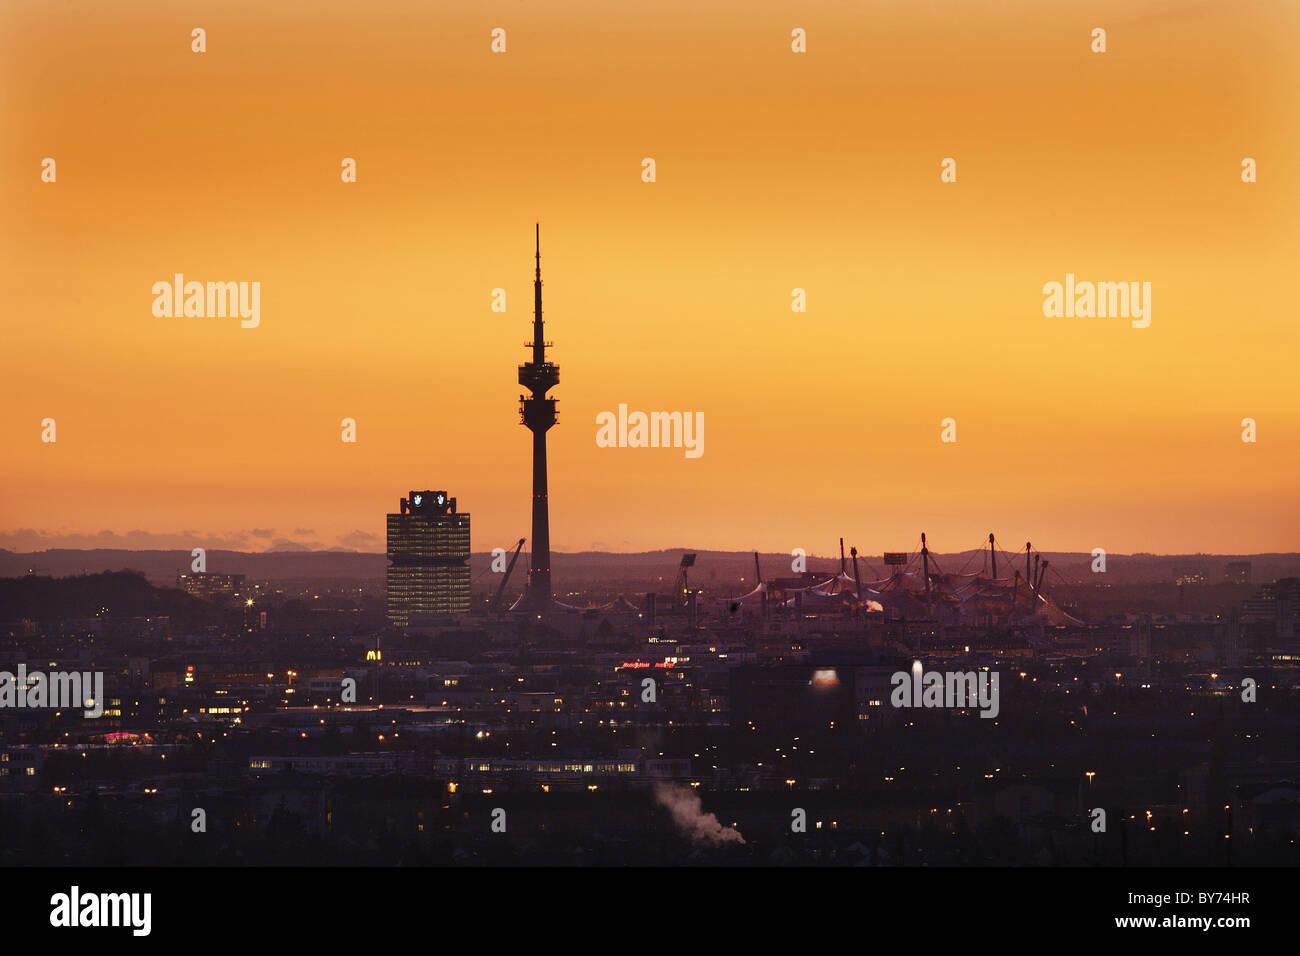 Vue urbaine avec le parc olympique, Munich, Bavière, Allemagne Photo Stock